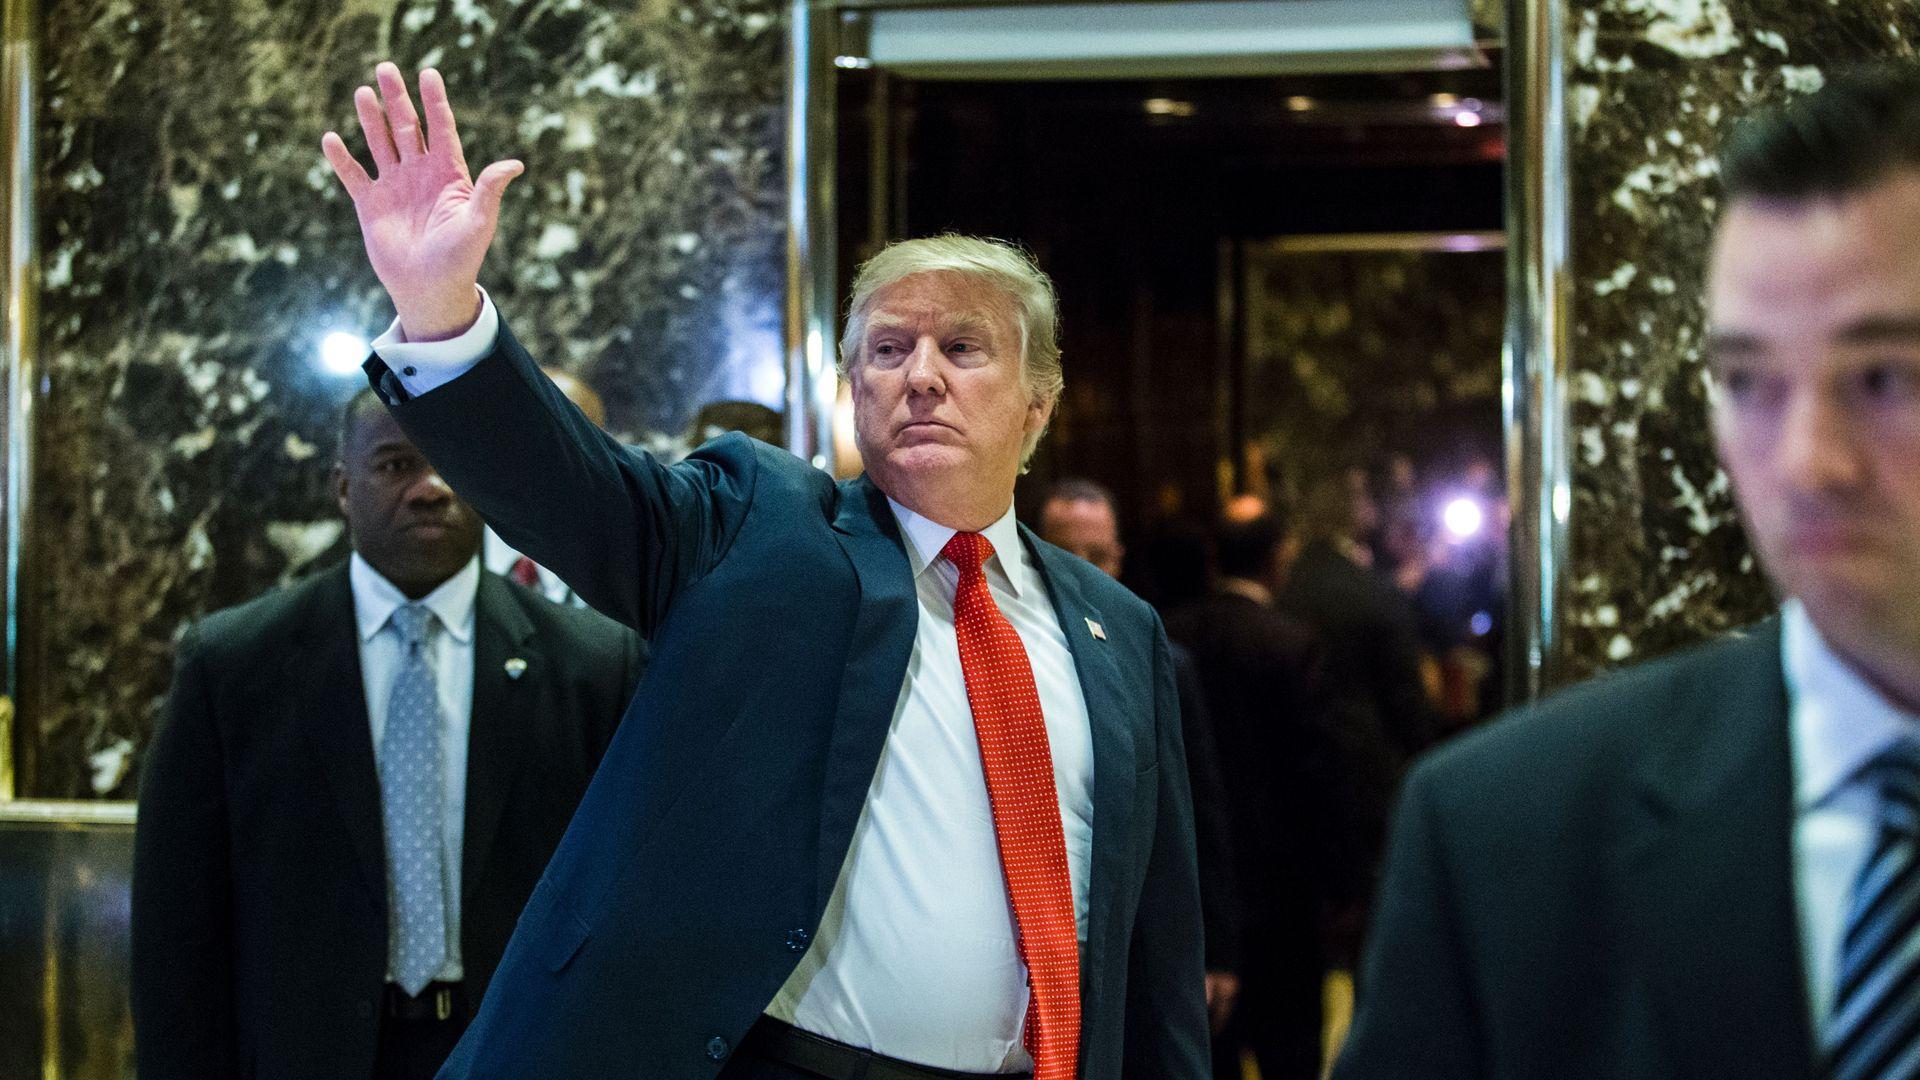 Trump at Trump Tower